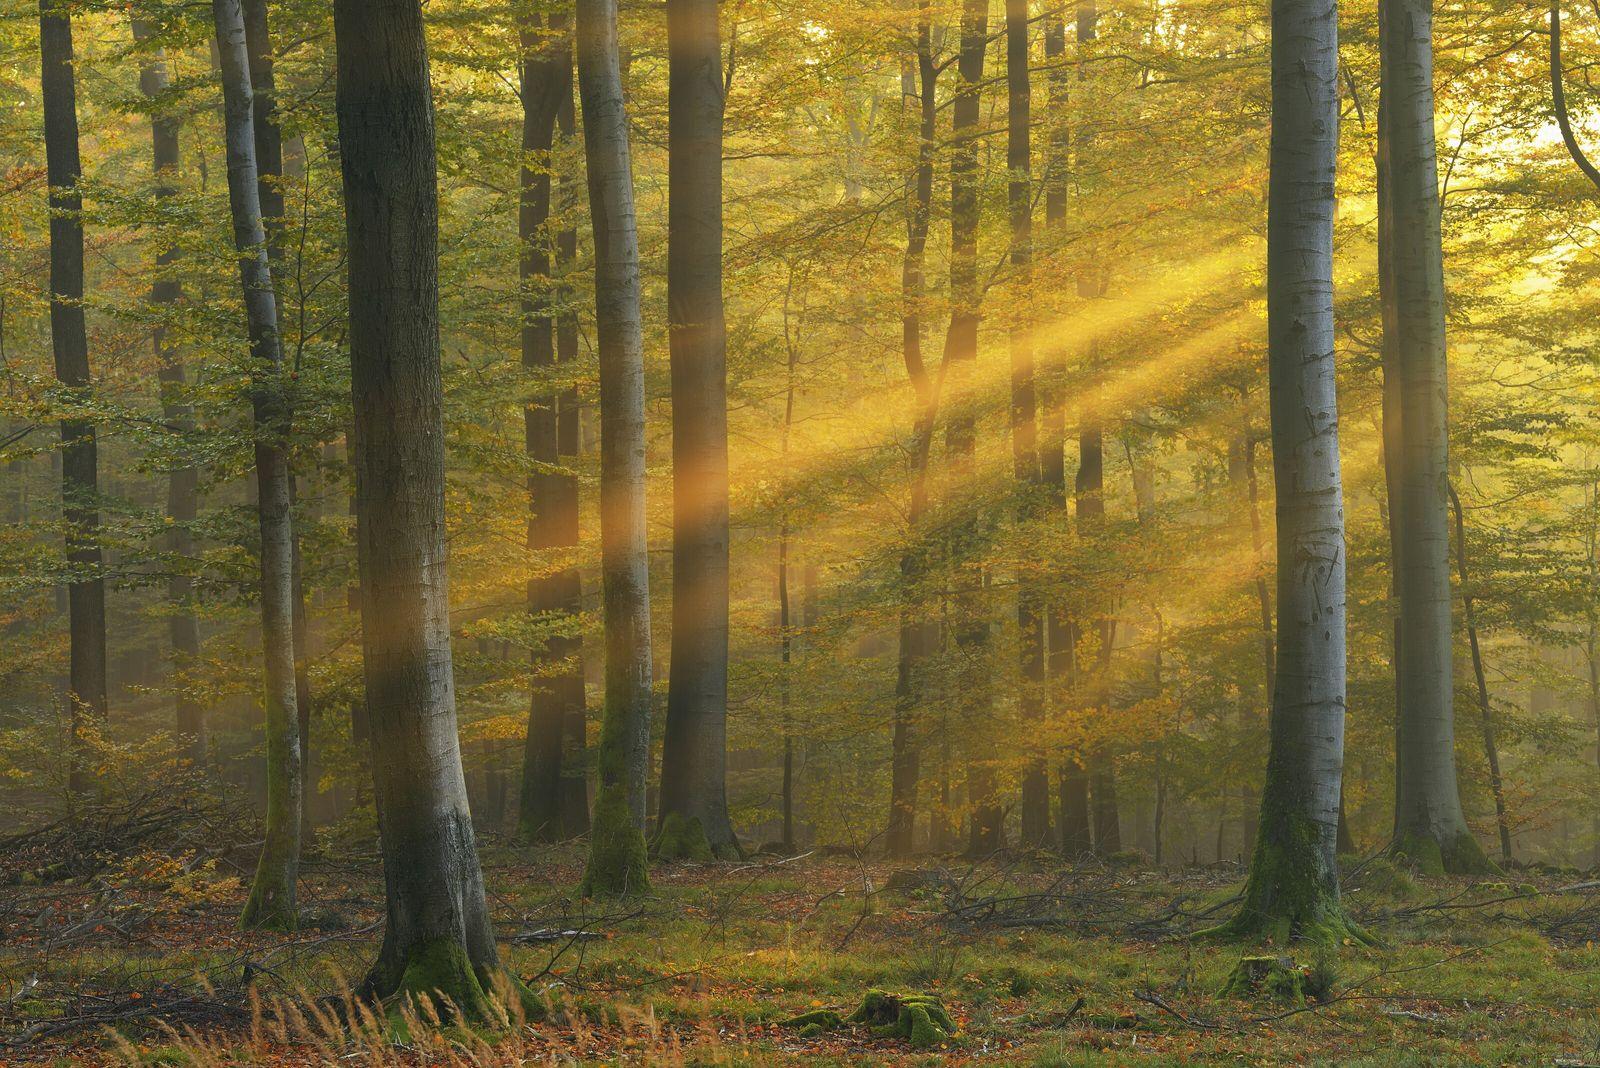 Sonnenstrahlen bahnen sich bei Morgennebel ihren Weg durch die Bäume eines Waldstücks im Spessart. Echte Naturidylle ...